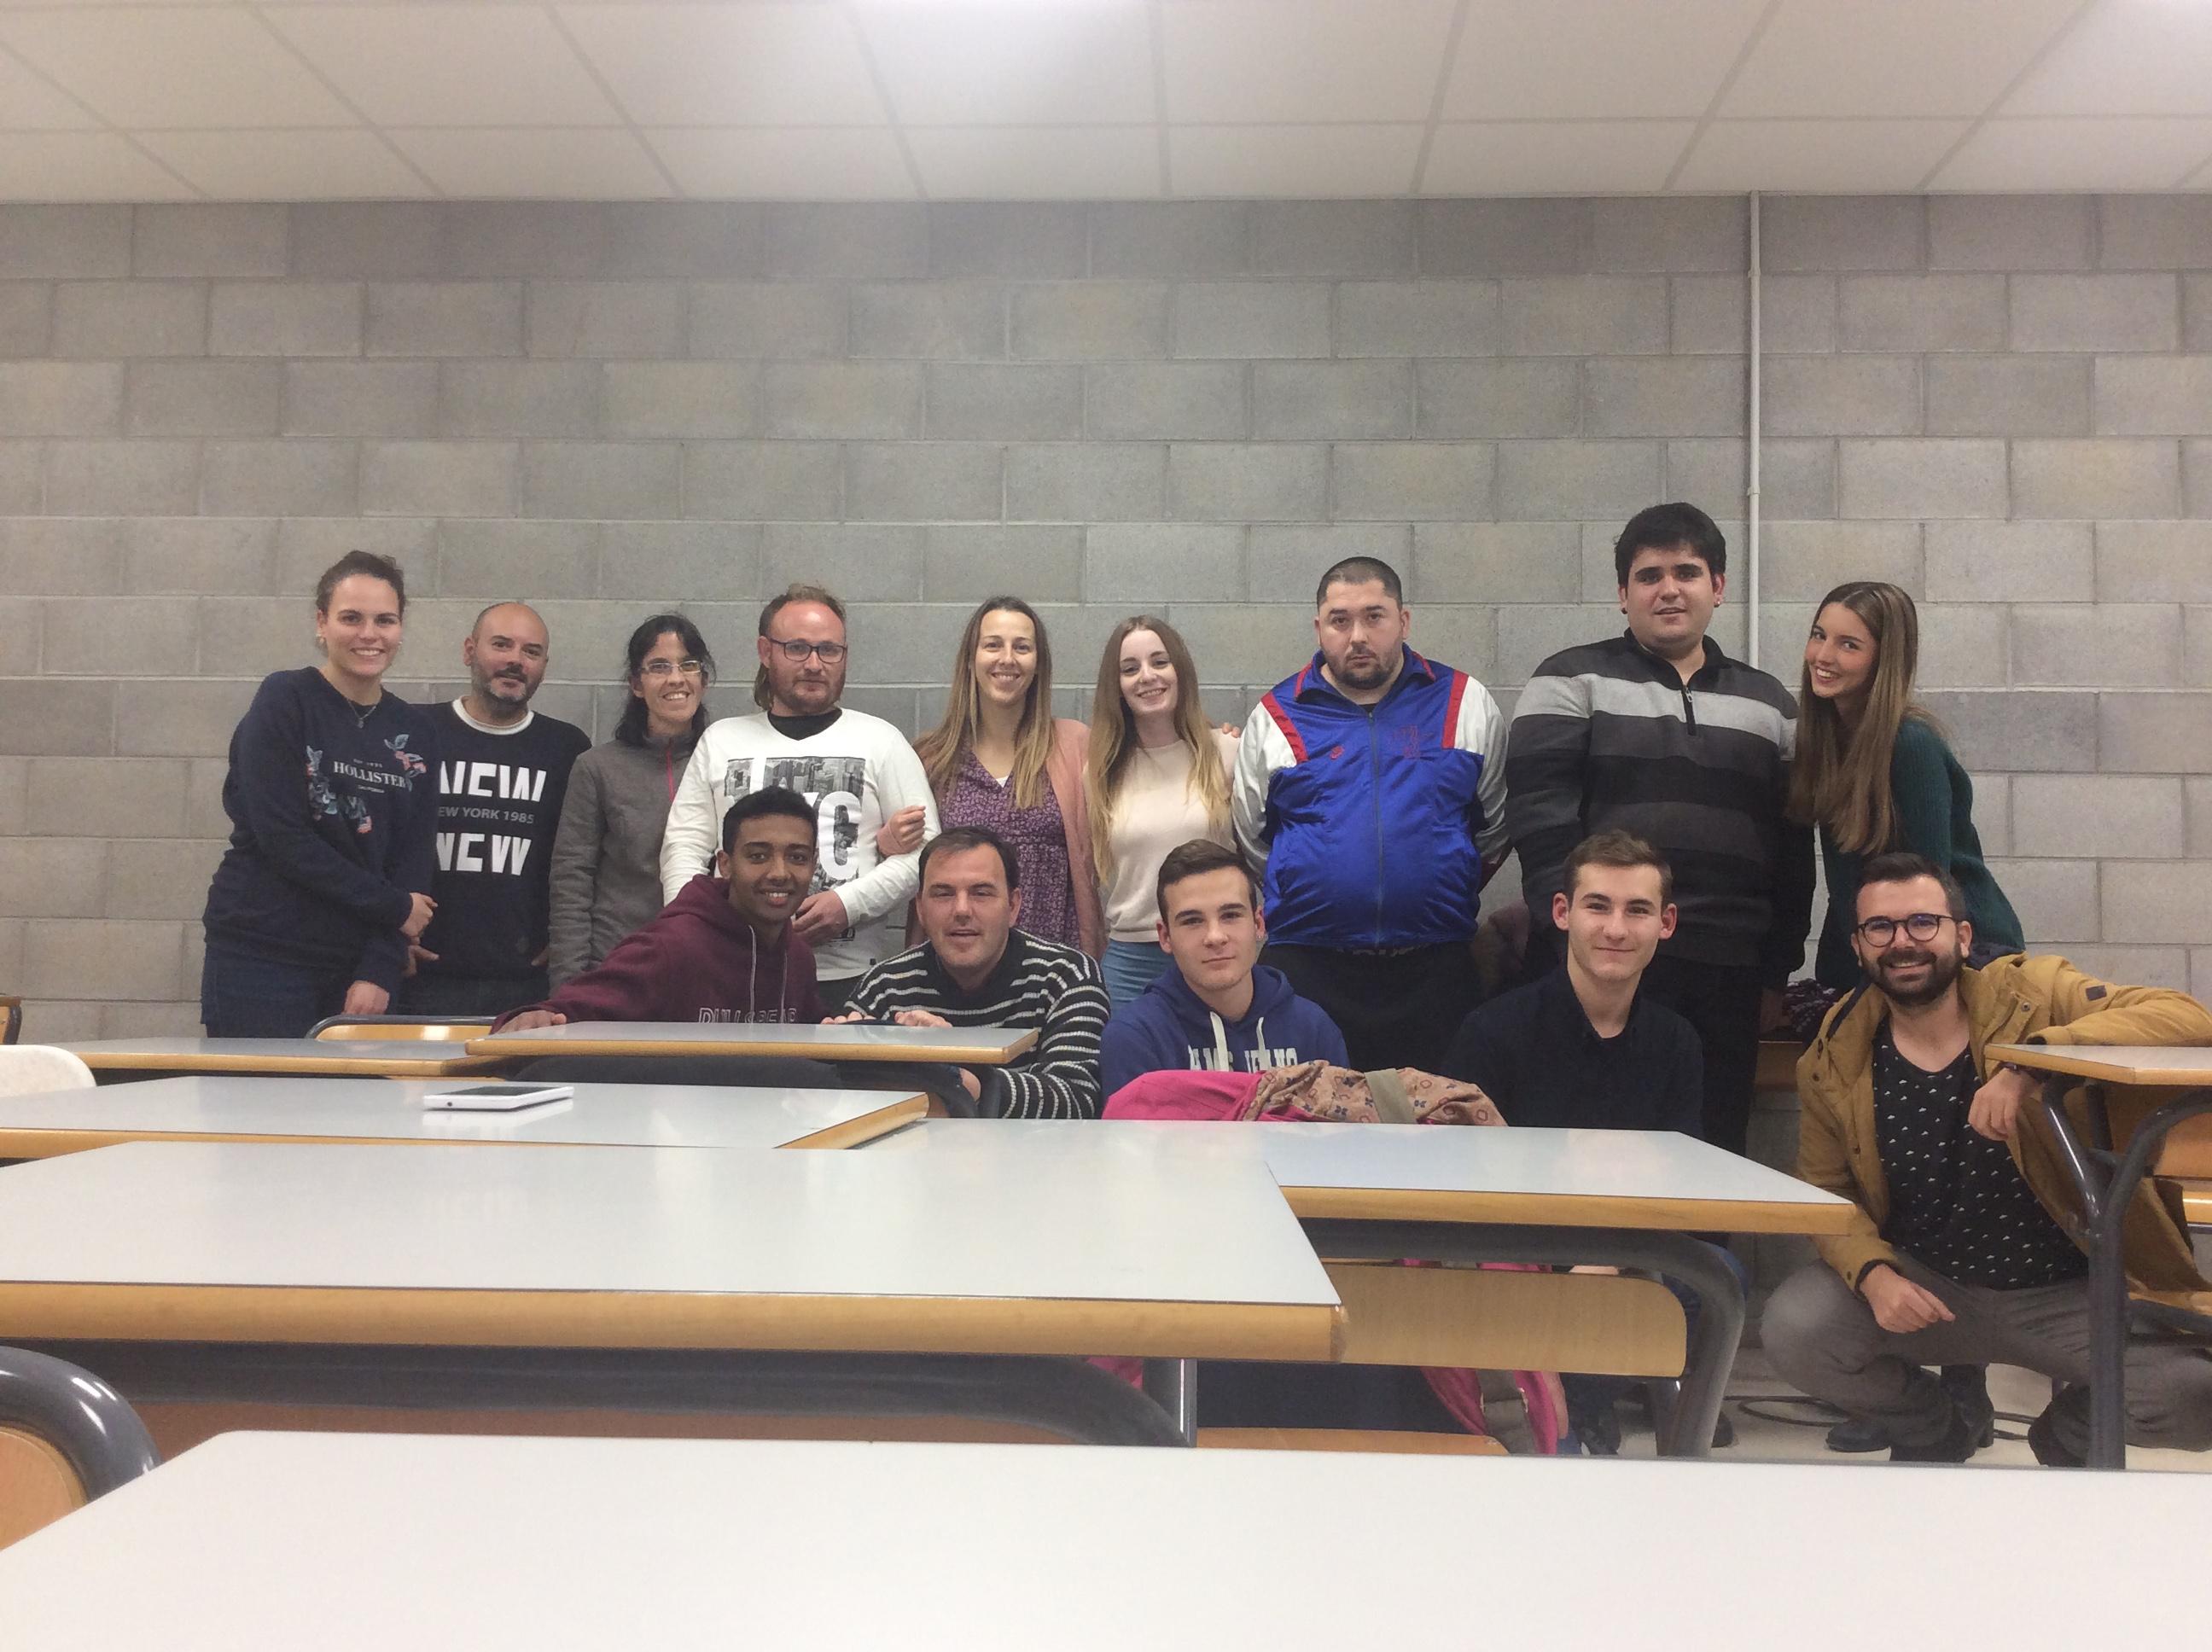 Alumnes d'informàtica del Ginebró col•laboren amb la Fundació Viver de Bell-lloc en la formació de persones amb discapacitat